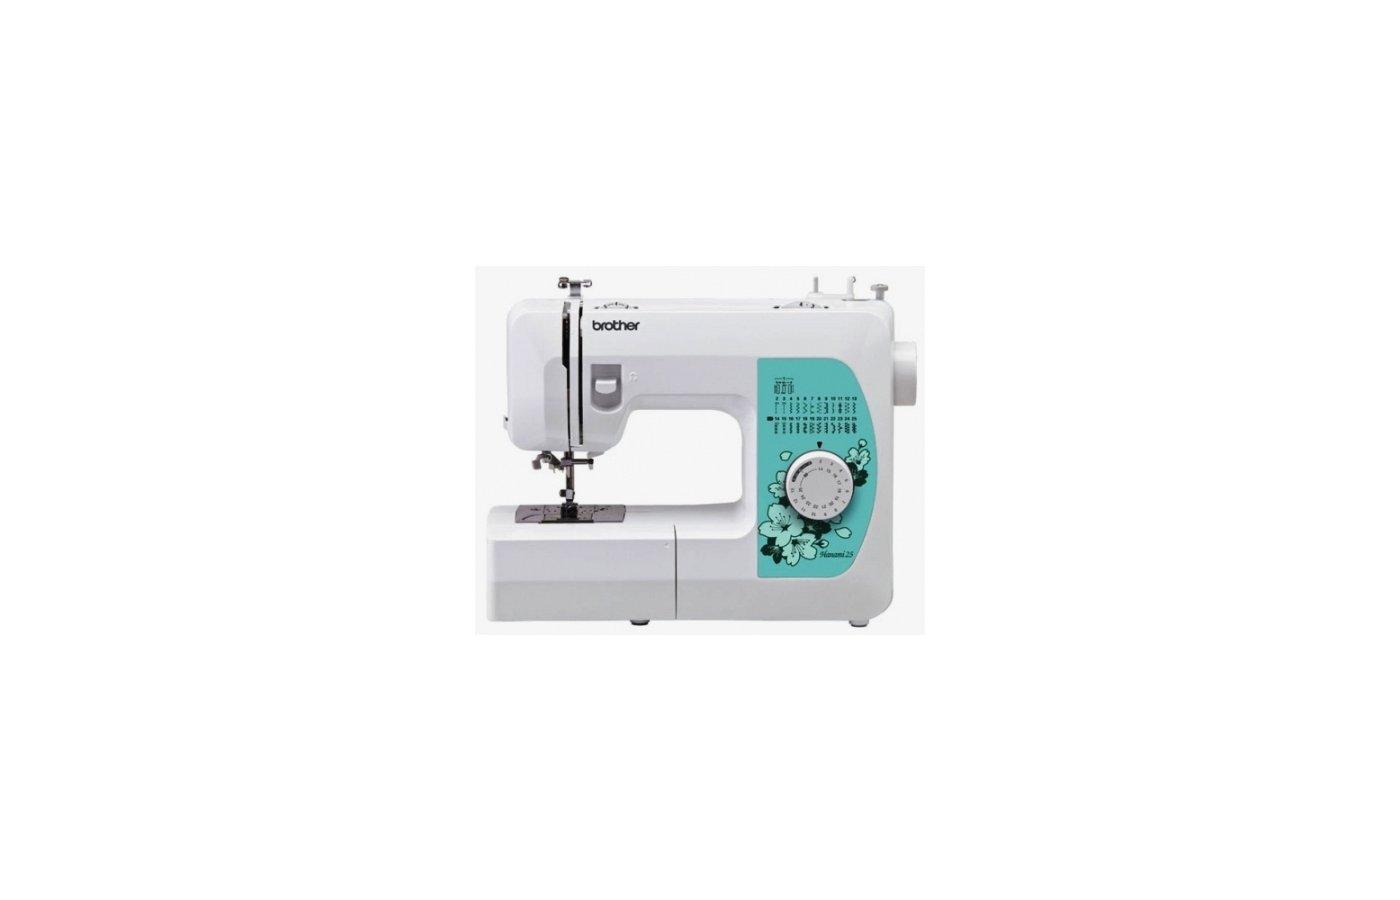 Швейная машина BROTHER Hanami 25